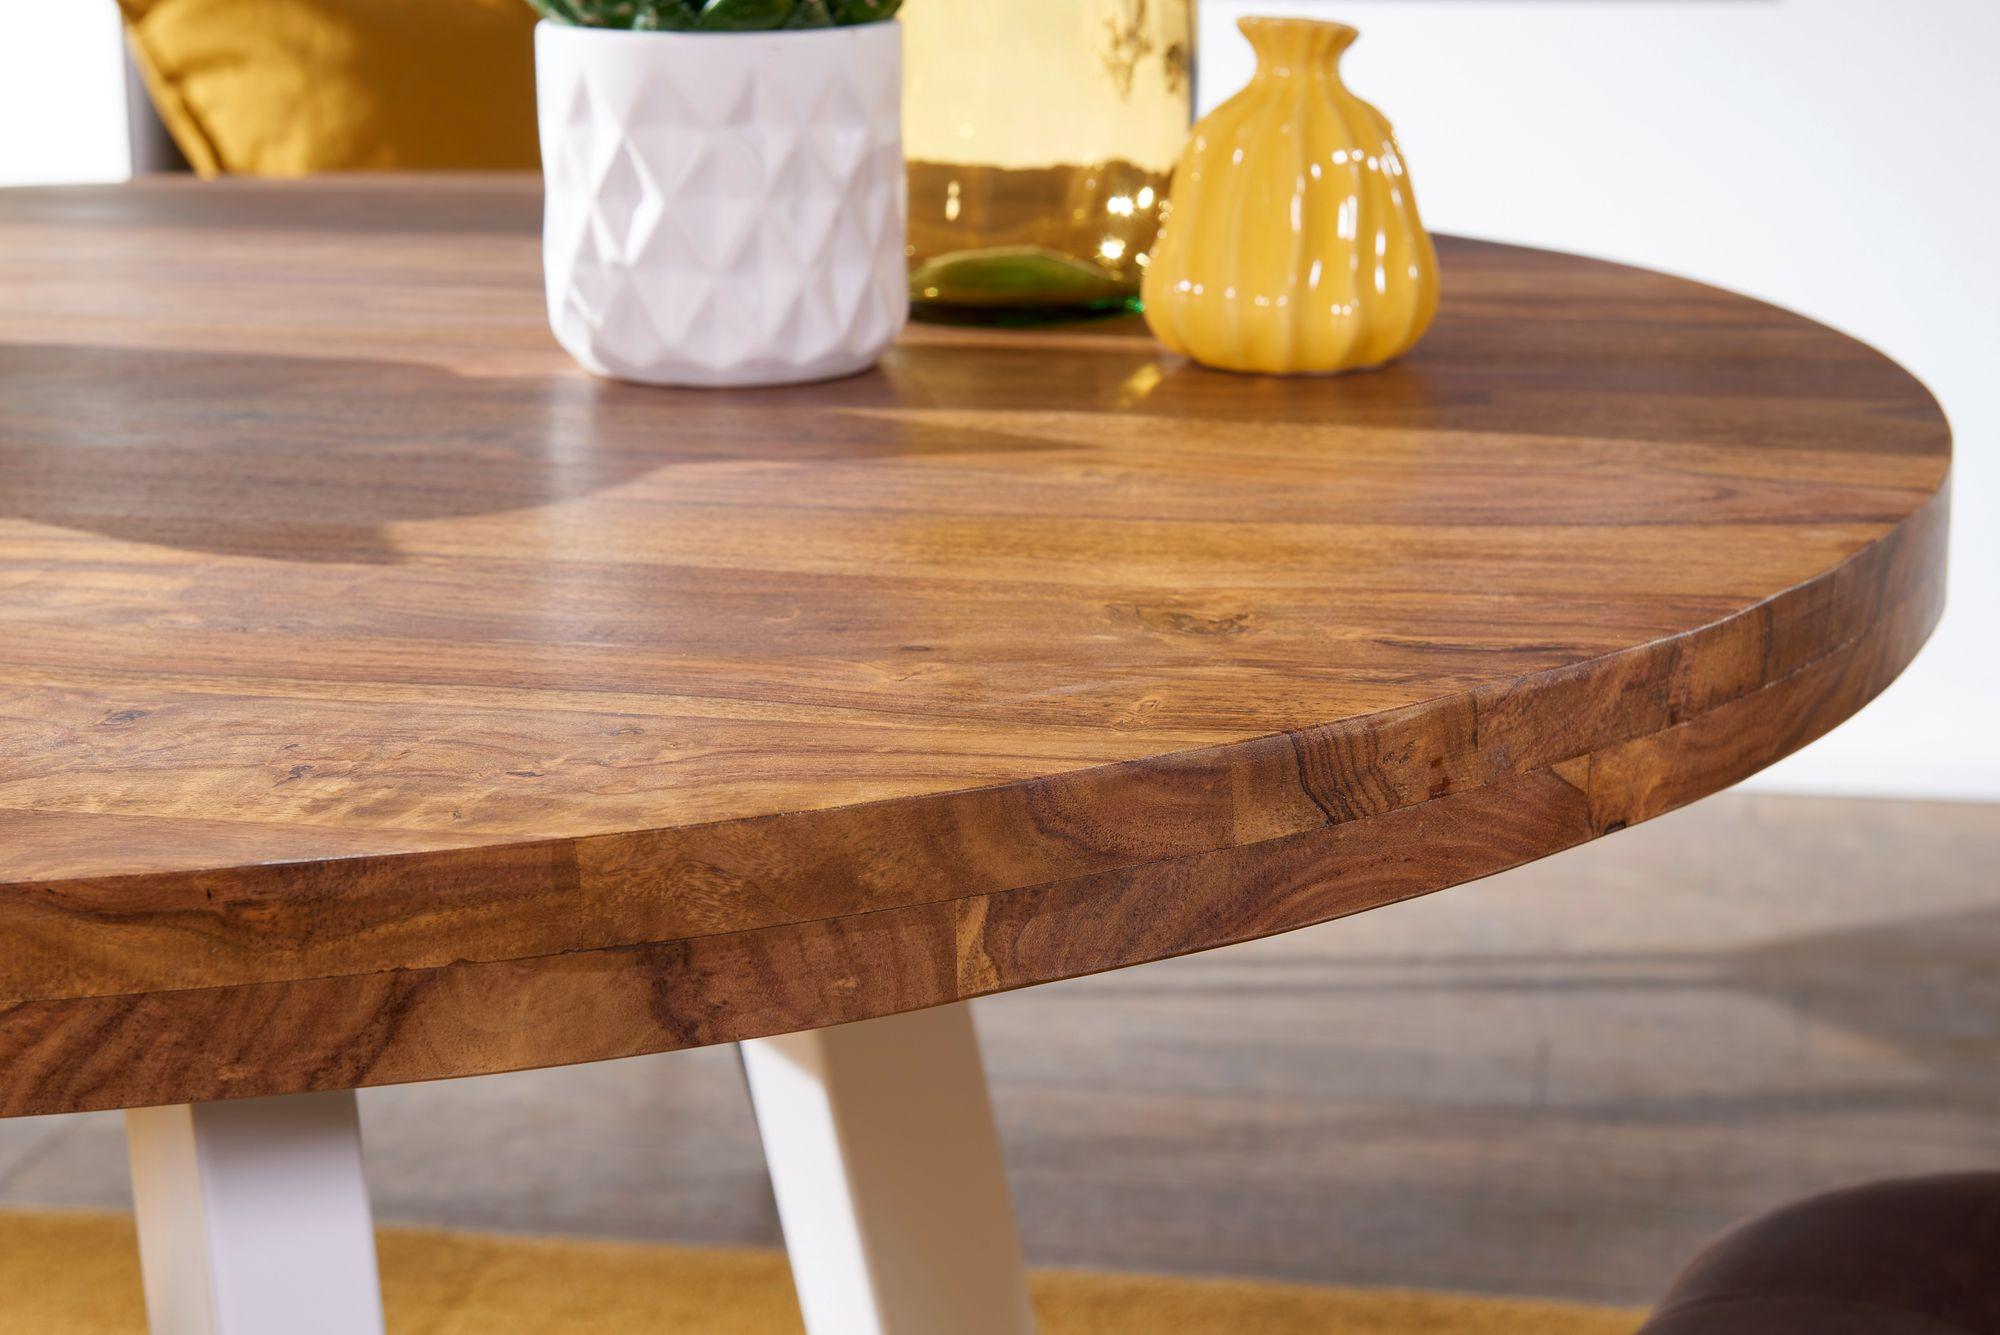 FineBuy Esszimmertisch rund 39x39x39 cm Sheesham Massiv Esstisch Beine  Weiß  Runder Holztisch mit Metallbeinen  Massivholztisch Esszimmer